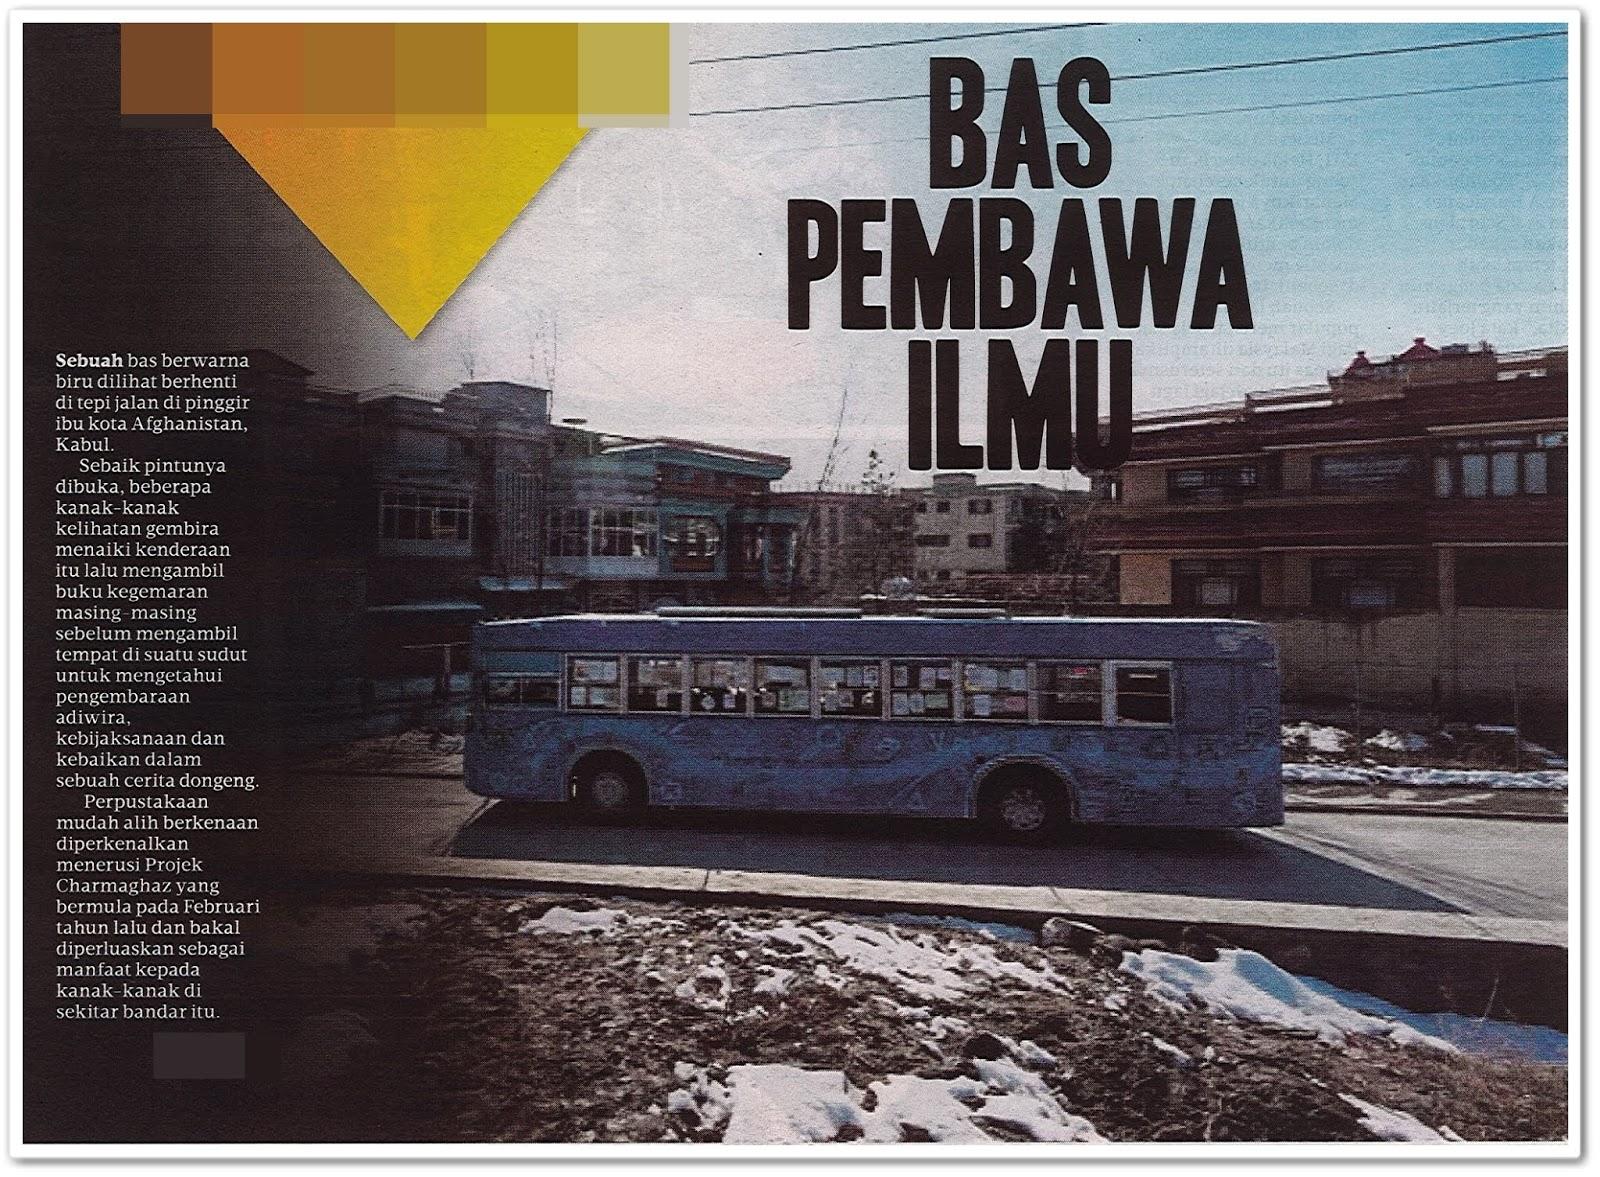 Bas pembawa ilmu - Keratan akhbar Harian Metro 12 Mac 2019